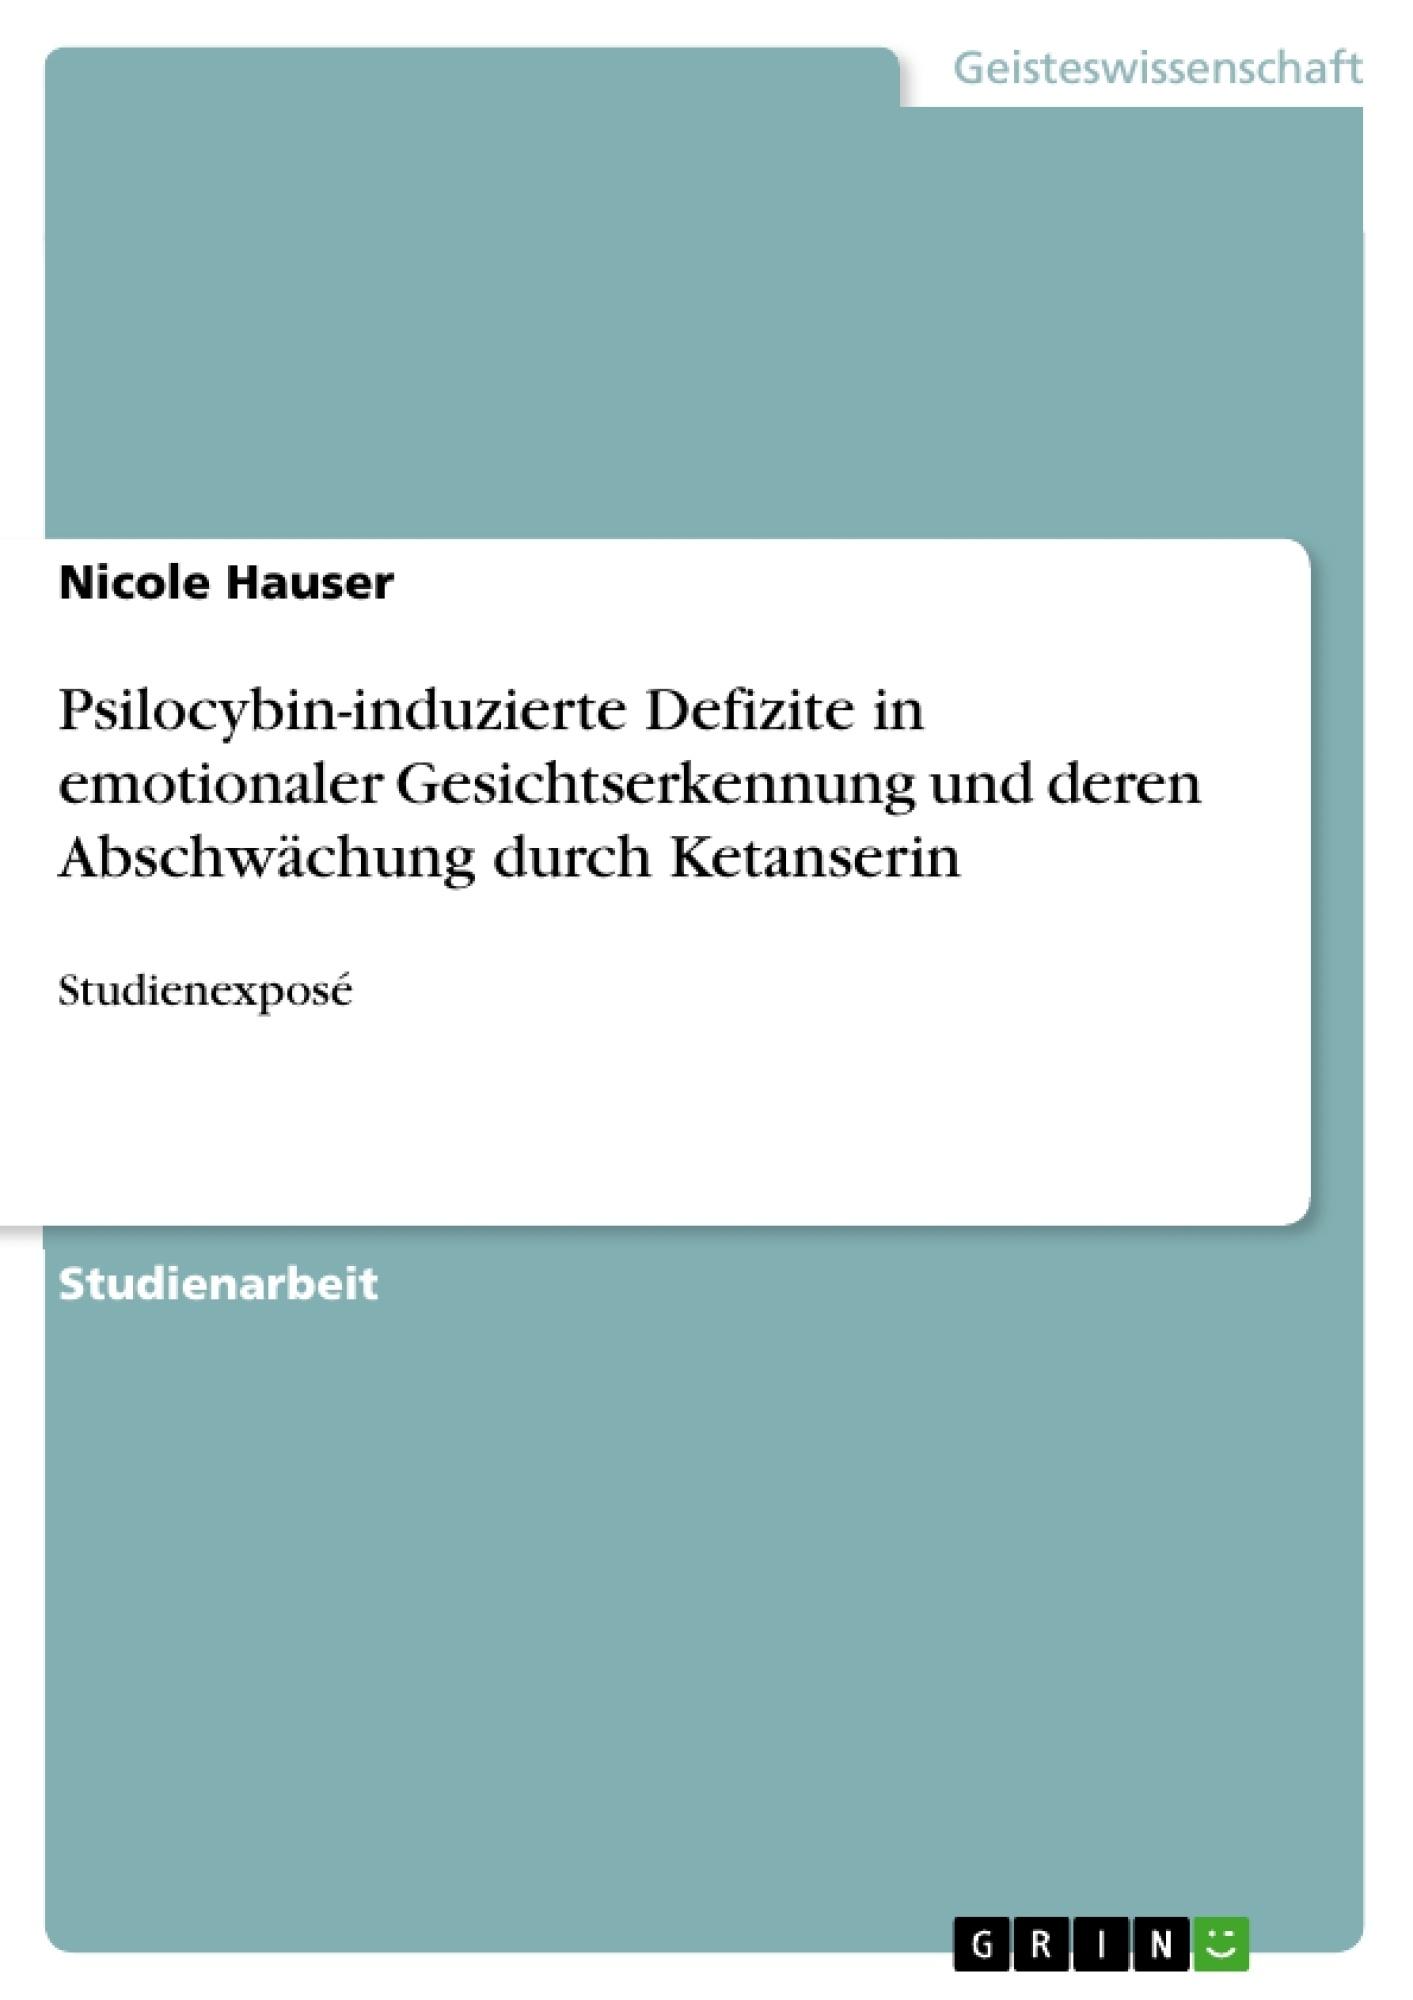 Titel: Psilocybin-induzierte Defizite in emotionaler Gesichtserkennung und deren Abschwächung durch Ketanserin